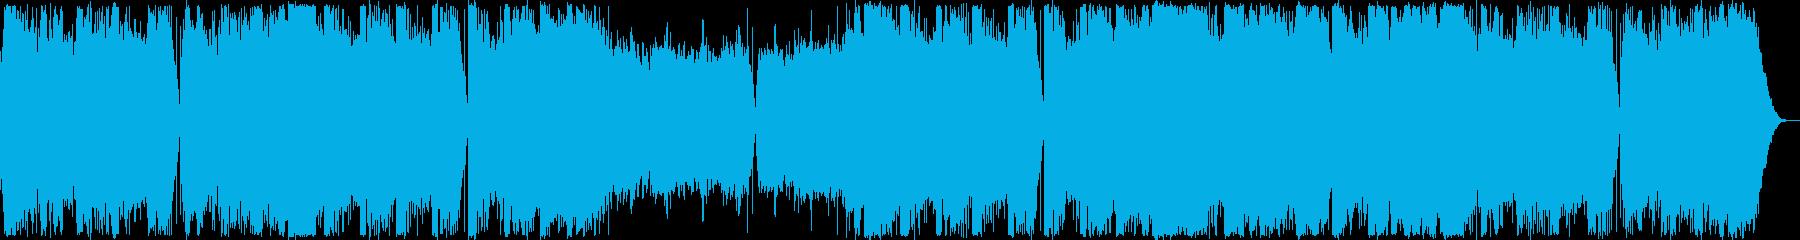 イベント・女性ボーカルフューチャーベースの再生済みの波形